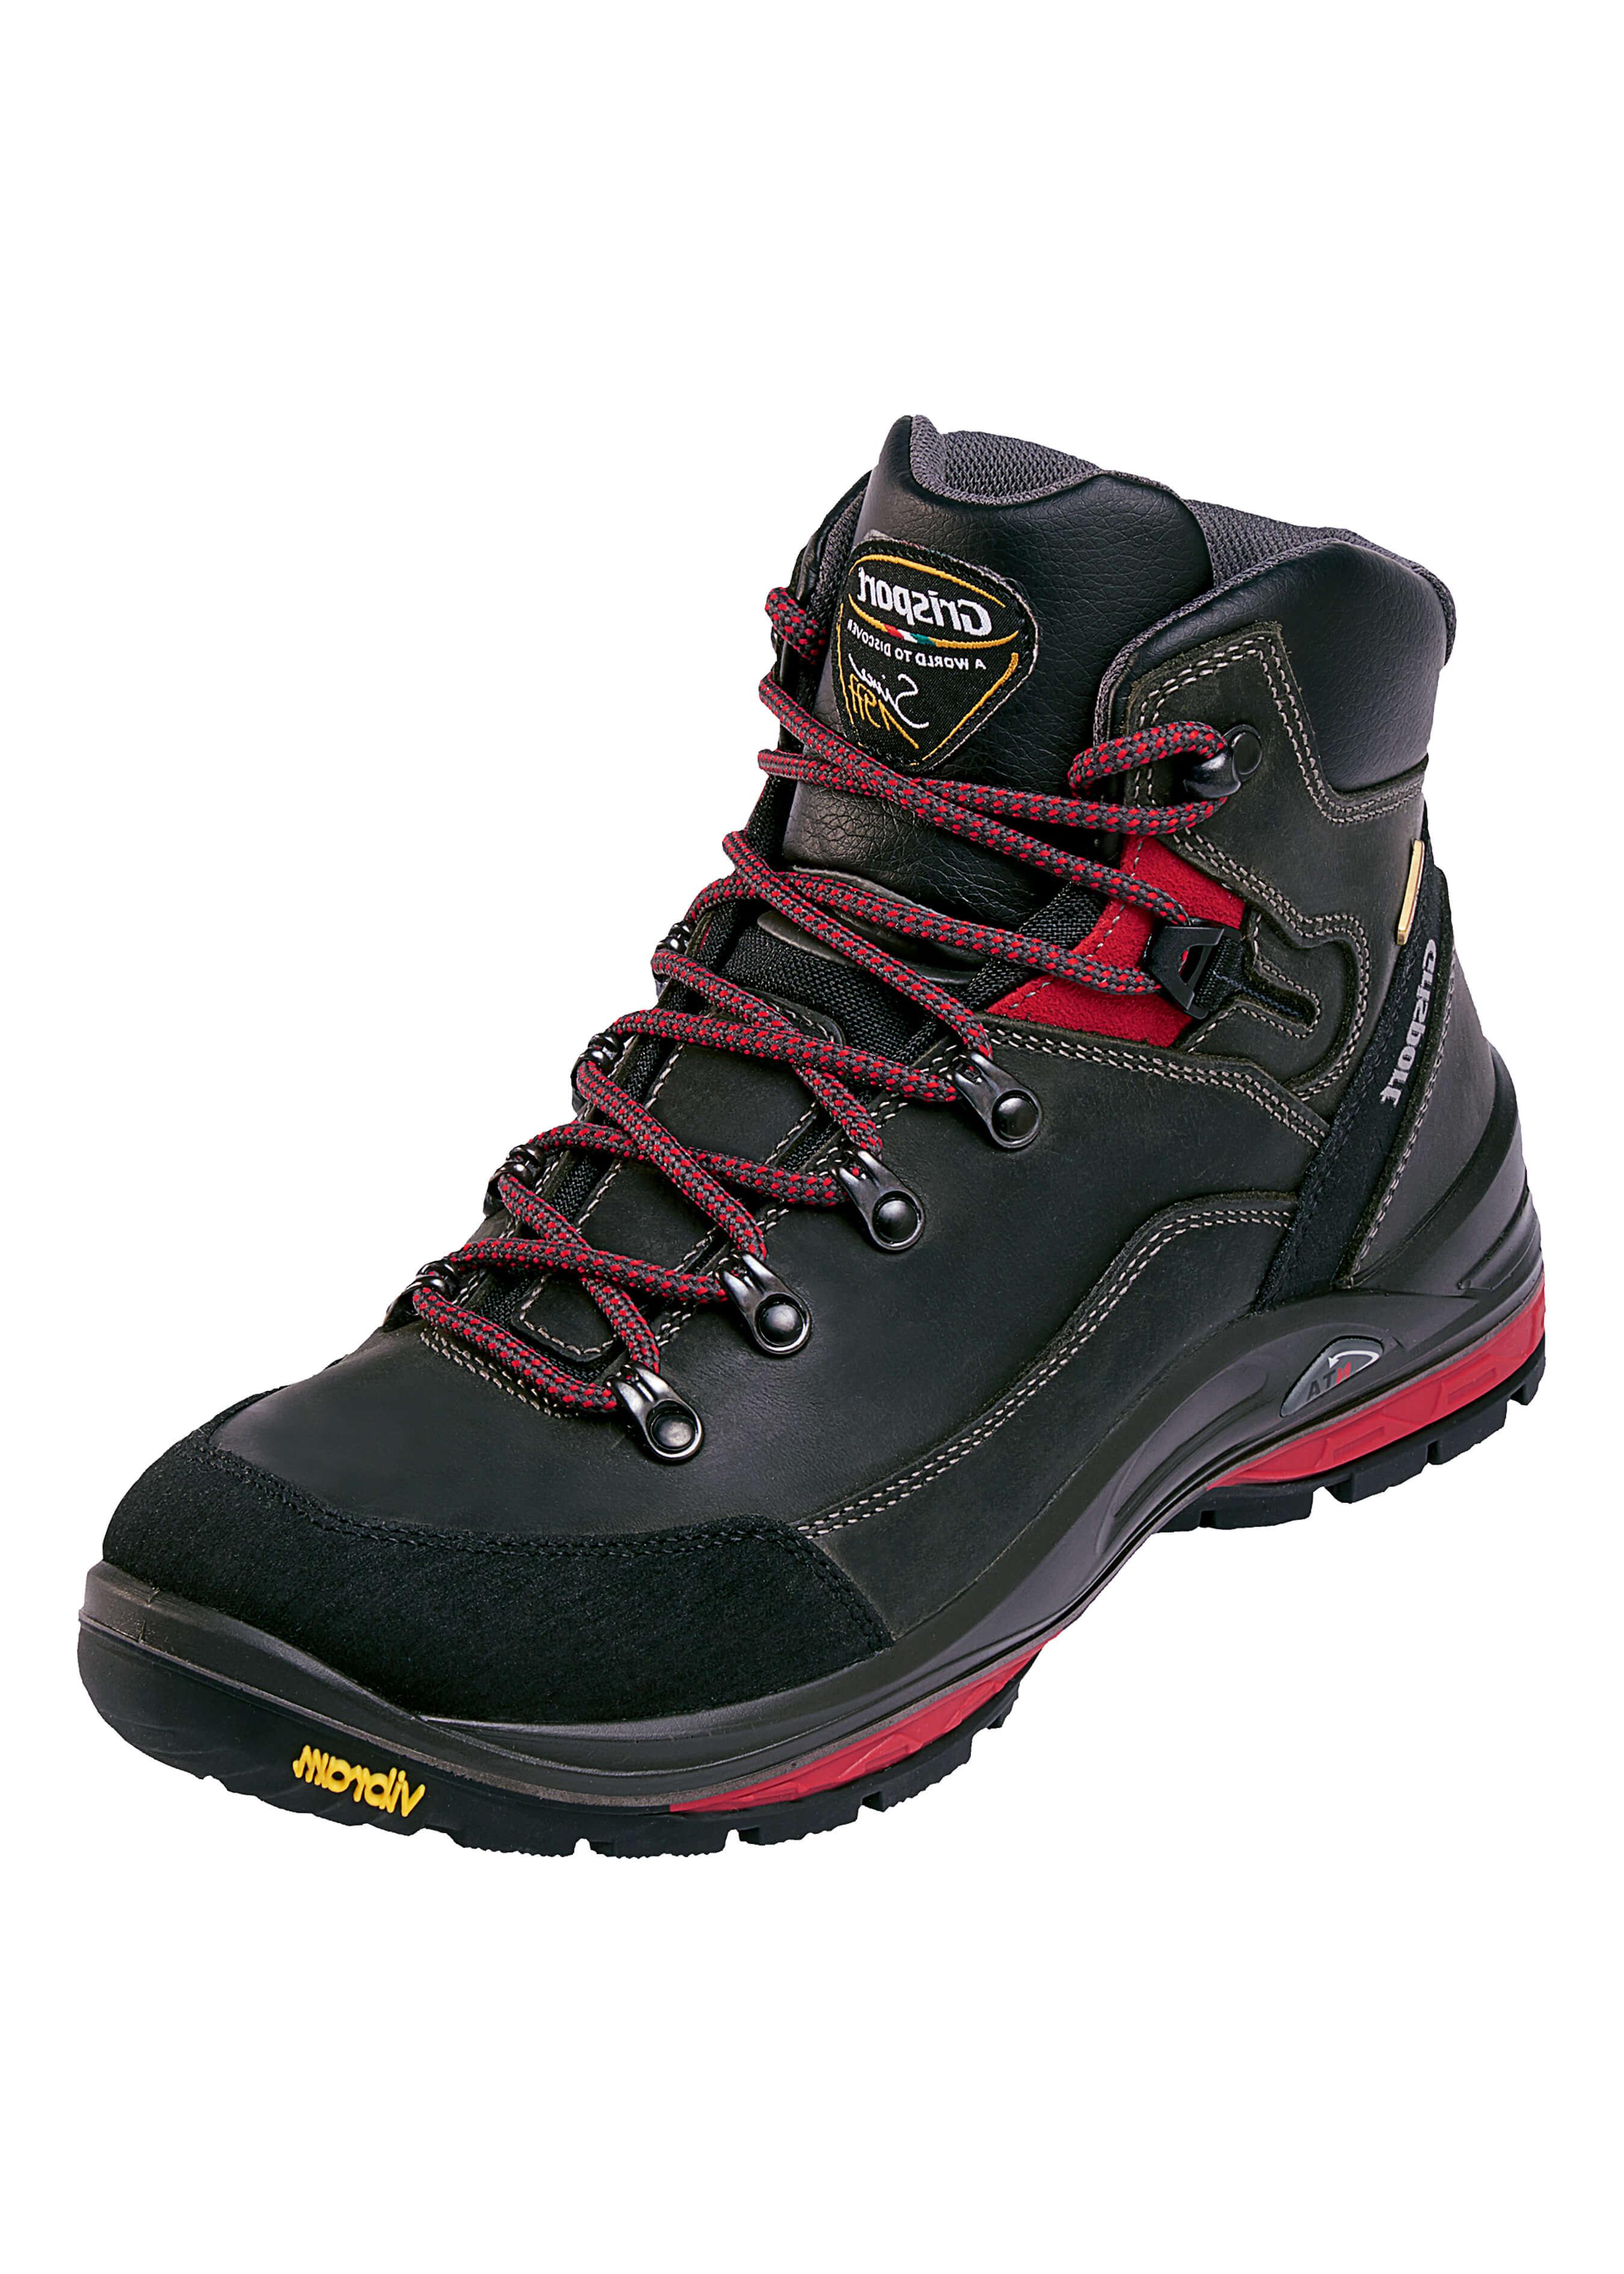 Chaussure de travail  trekking Dakar 41341236 1